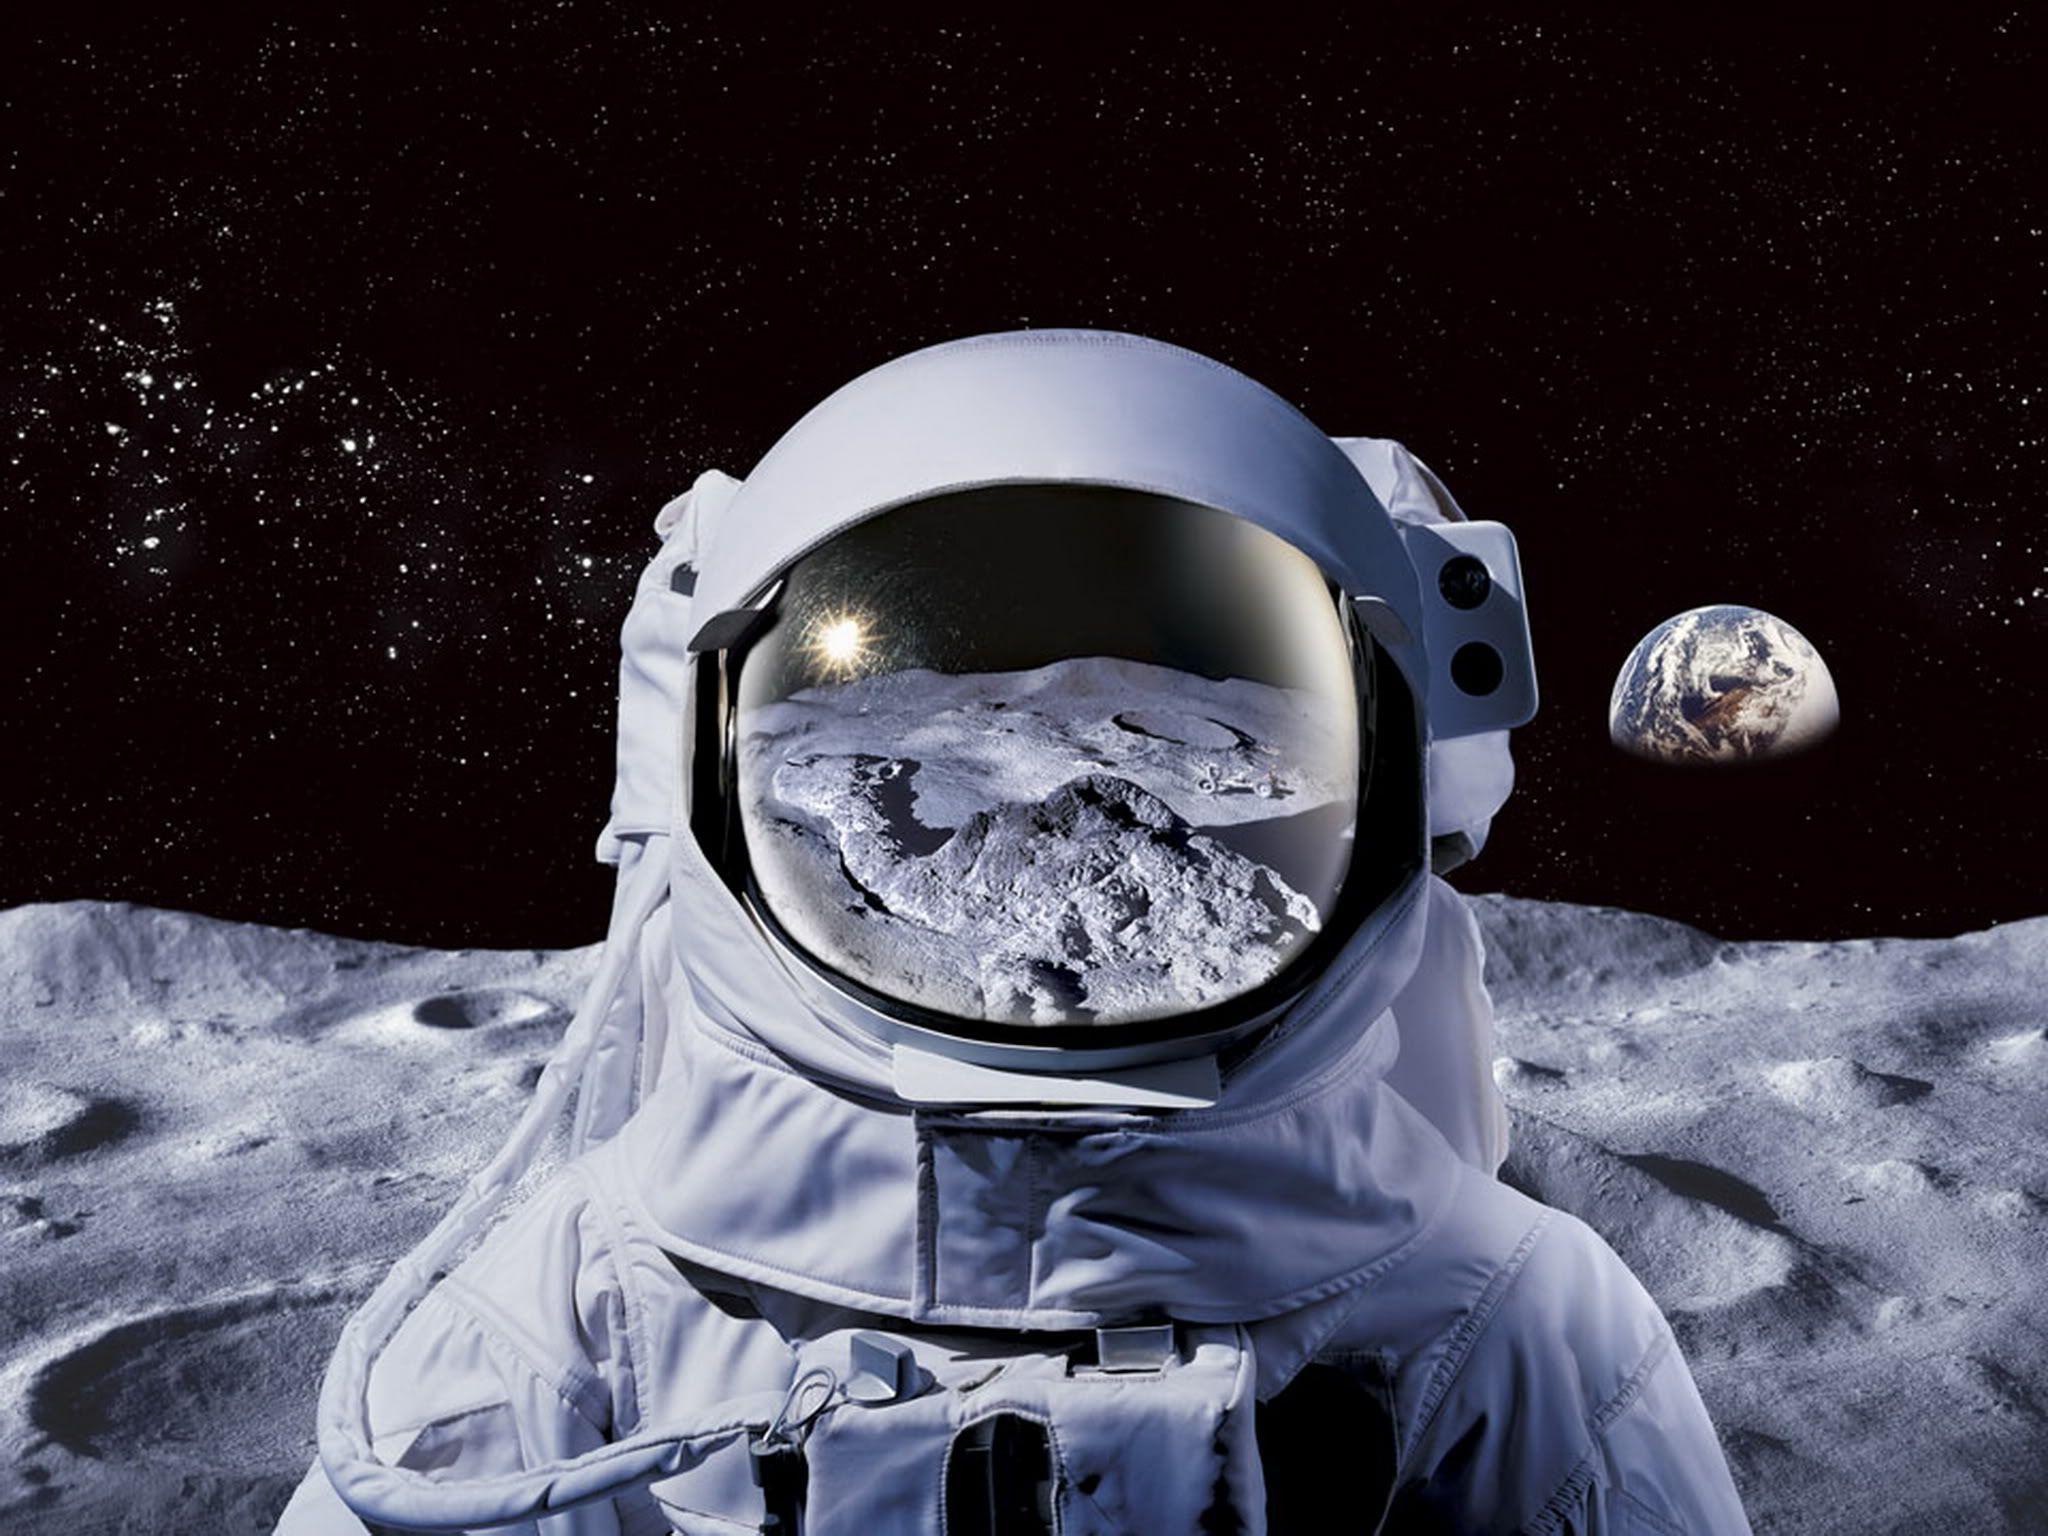 cow astronaut - photo #29